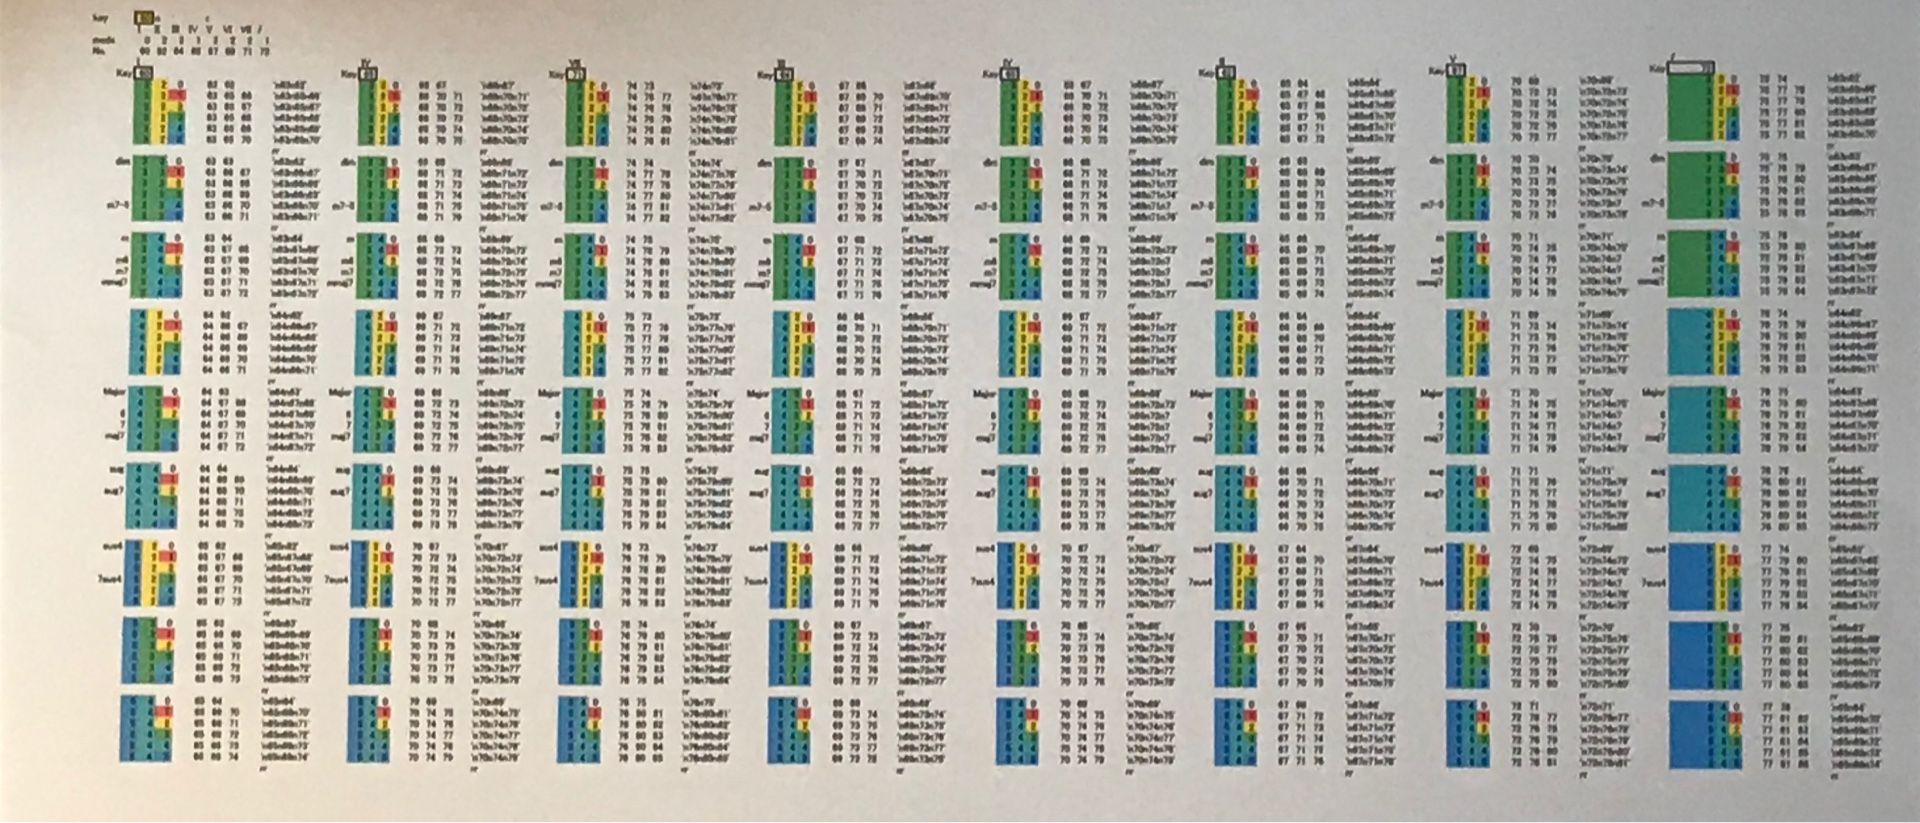 進行 一覧 コード VOCALOID人気曲でよく使われたコード進行は? ~Part1(2011年以前)